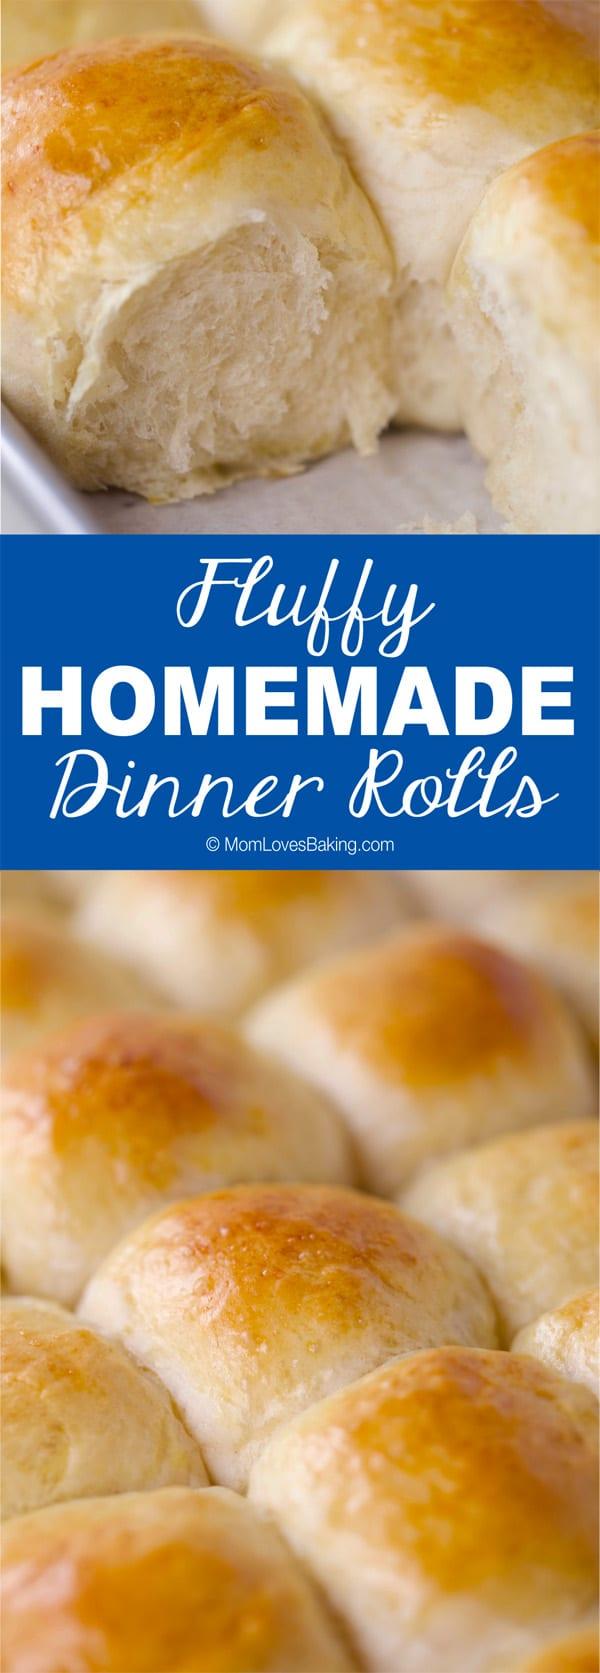 Fluffy homemade dinner rolls